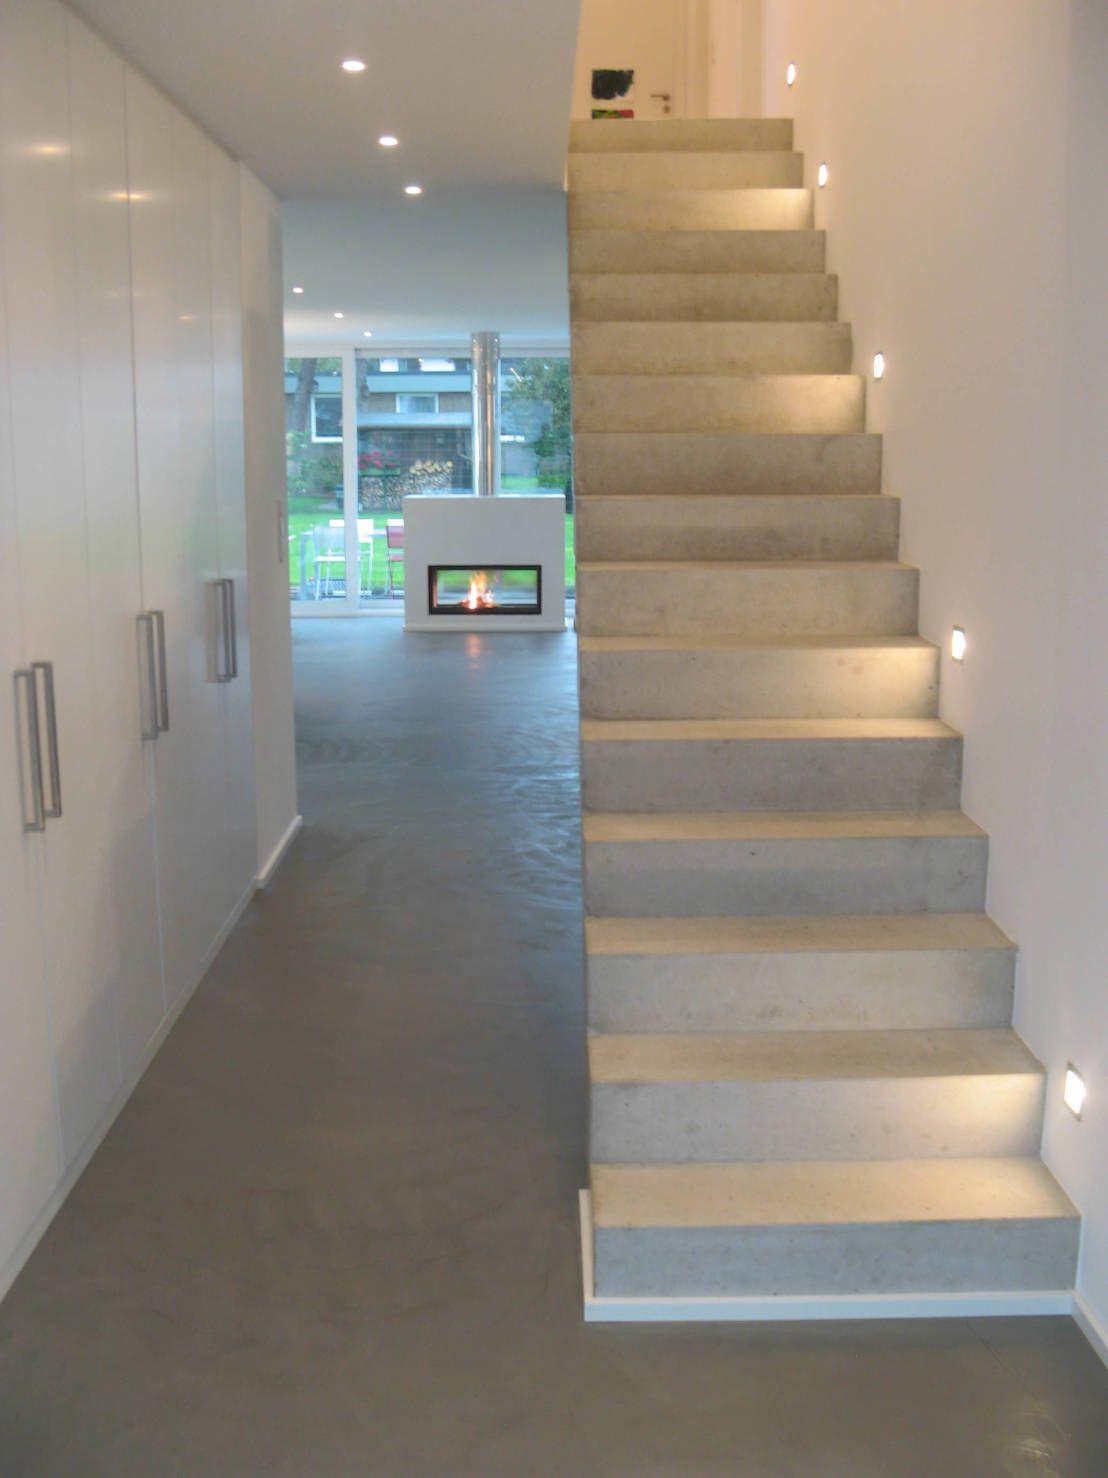 Kleines Haus Mit Ganz Viel Platz Merdiven Pinterest House